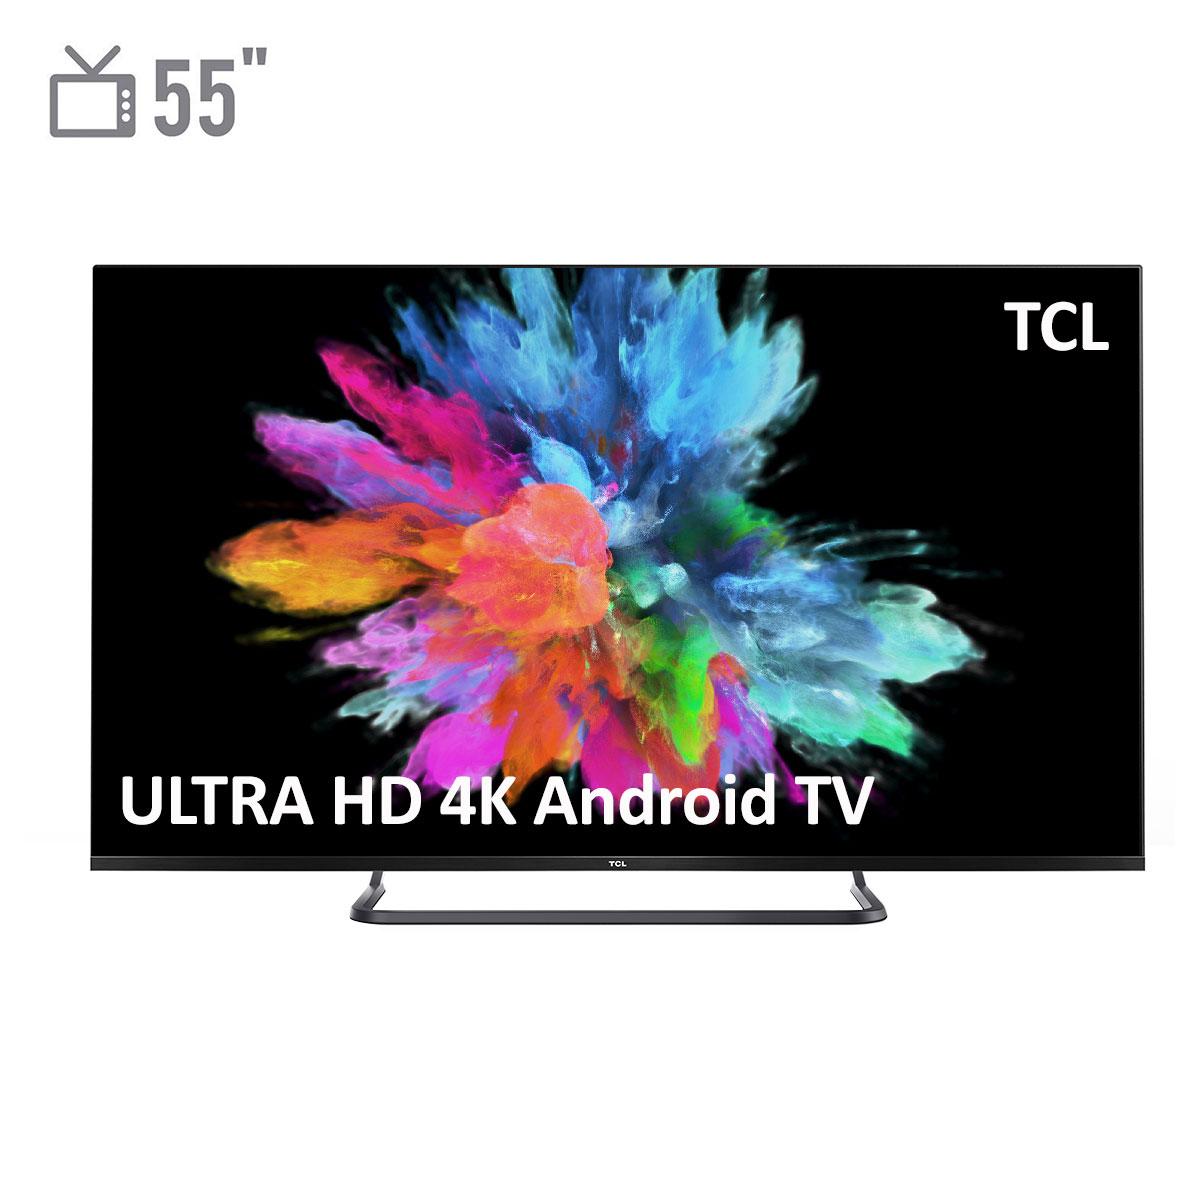 فروش نقدی و اقساطی تلویزیون ال ای دی هوشمند تی سی ال مدل 55P8SA سایز 55 اینچ